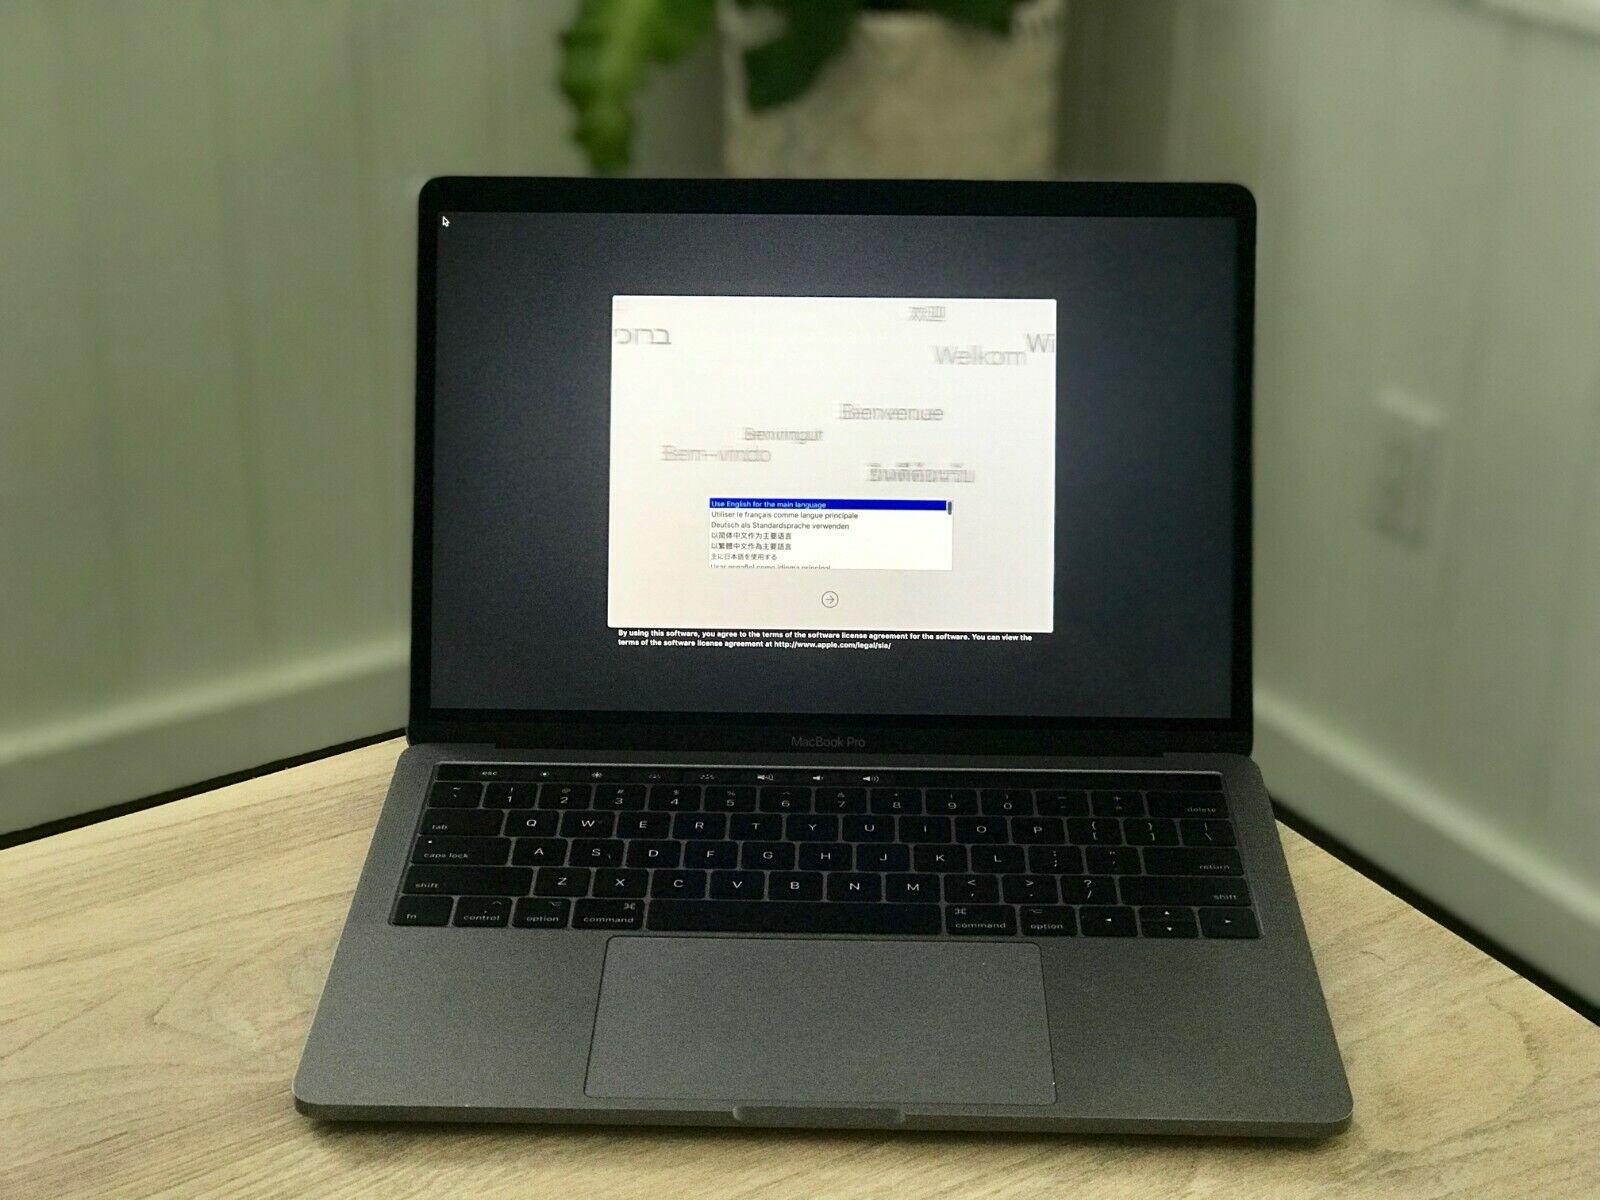 Used Apple Macbook Pro 13